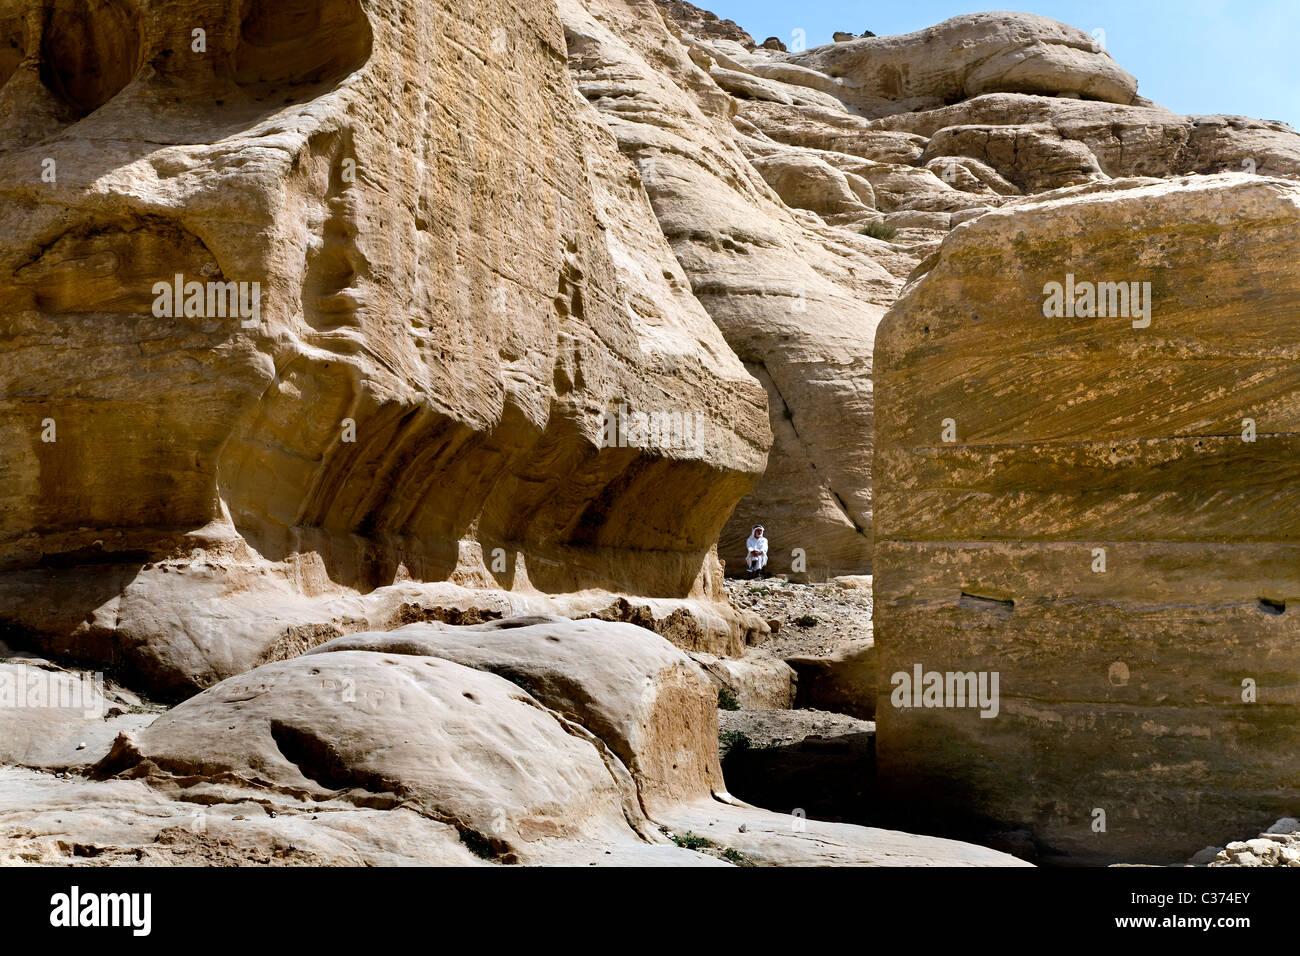 Un hombre jordano se encuentra entre las rocas de la rosa roja en la ciudad de Petra. Jordania Foto de stock